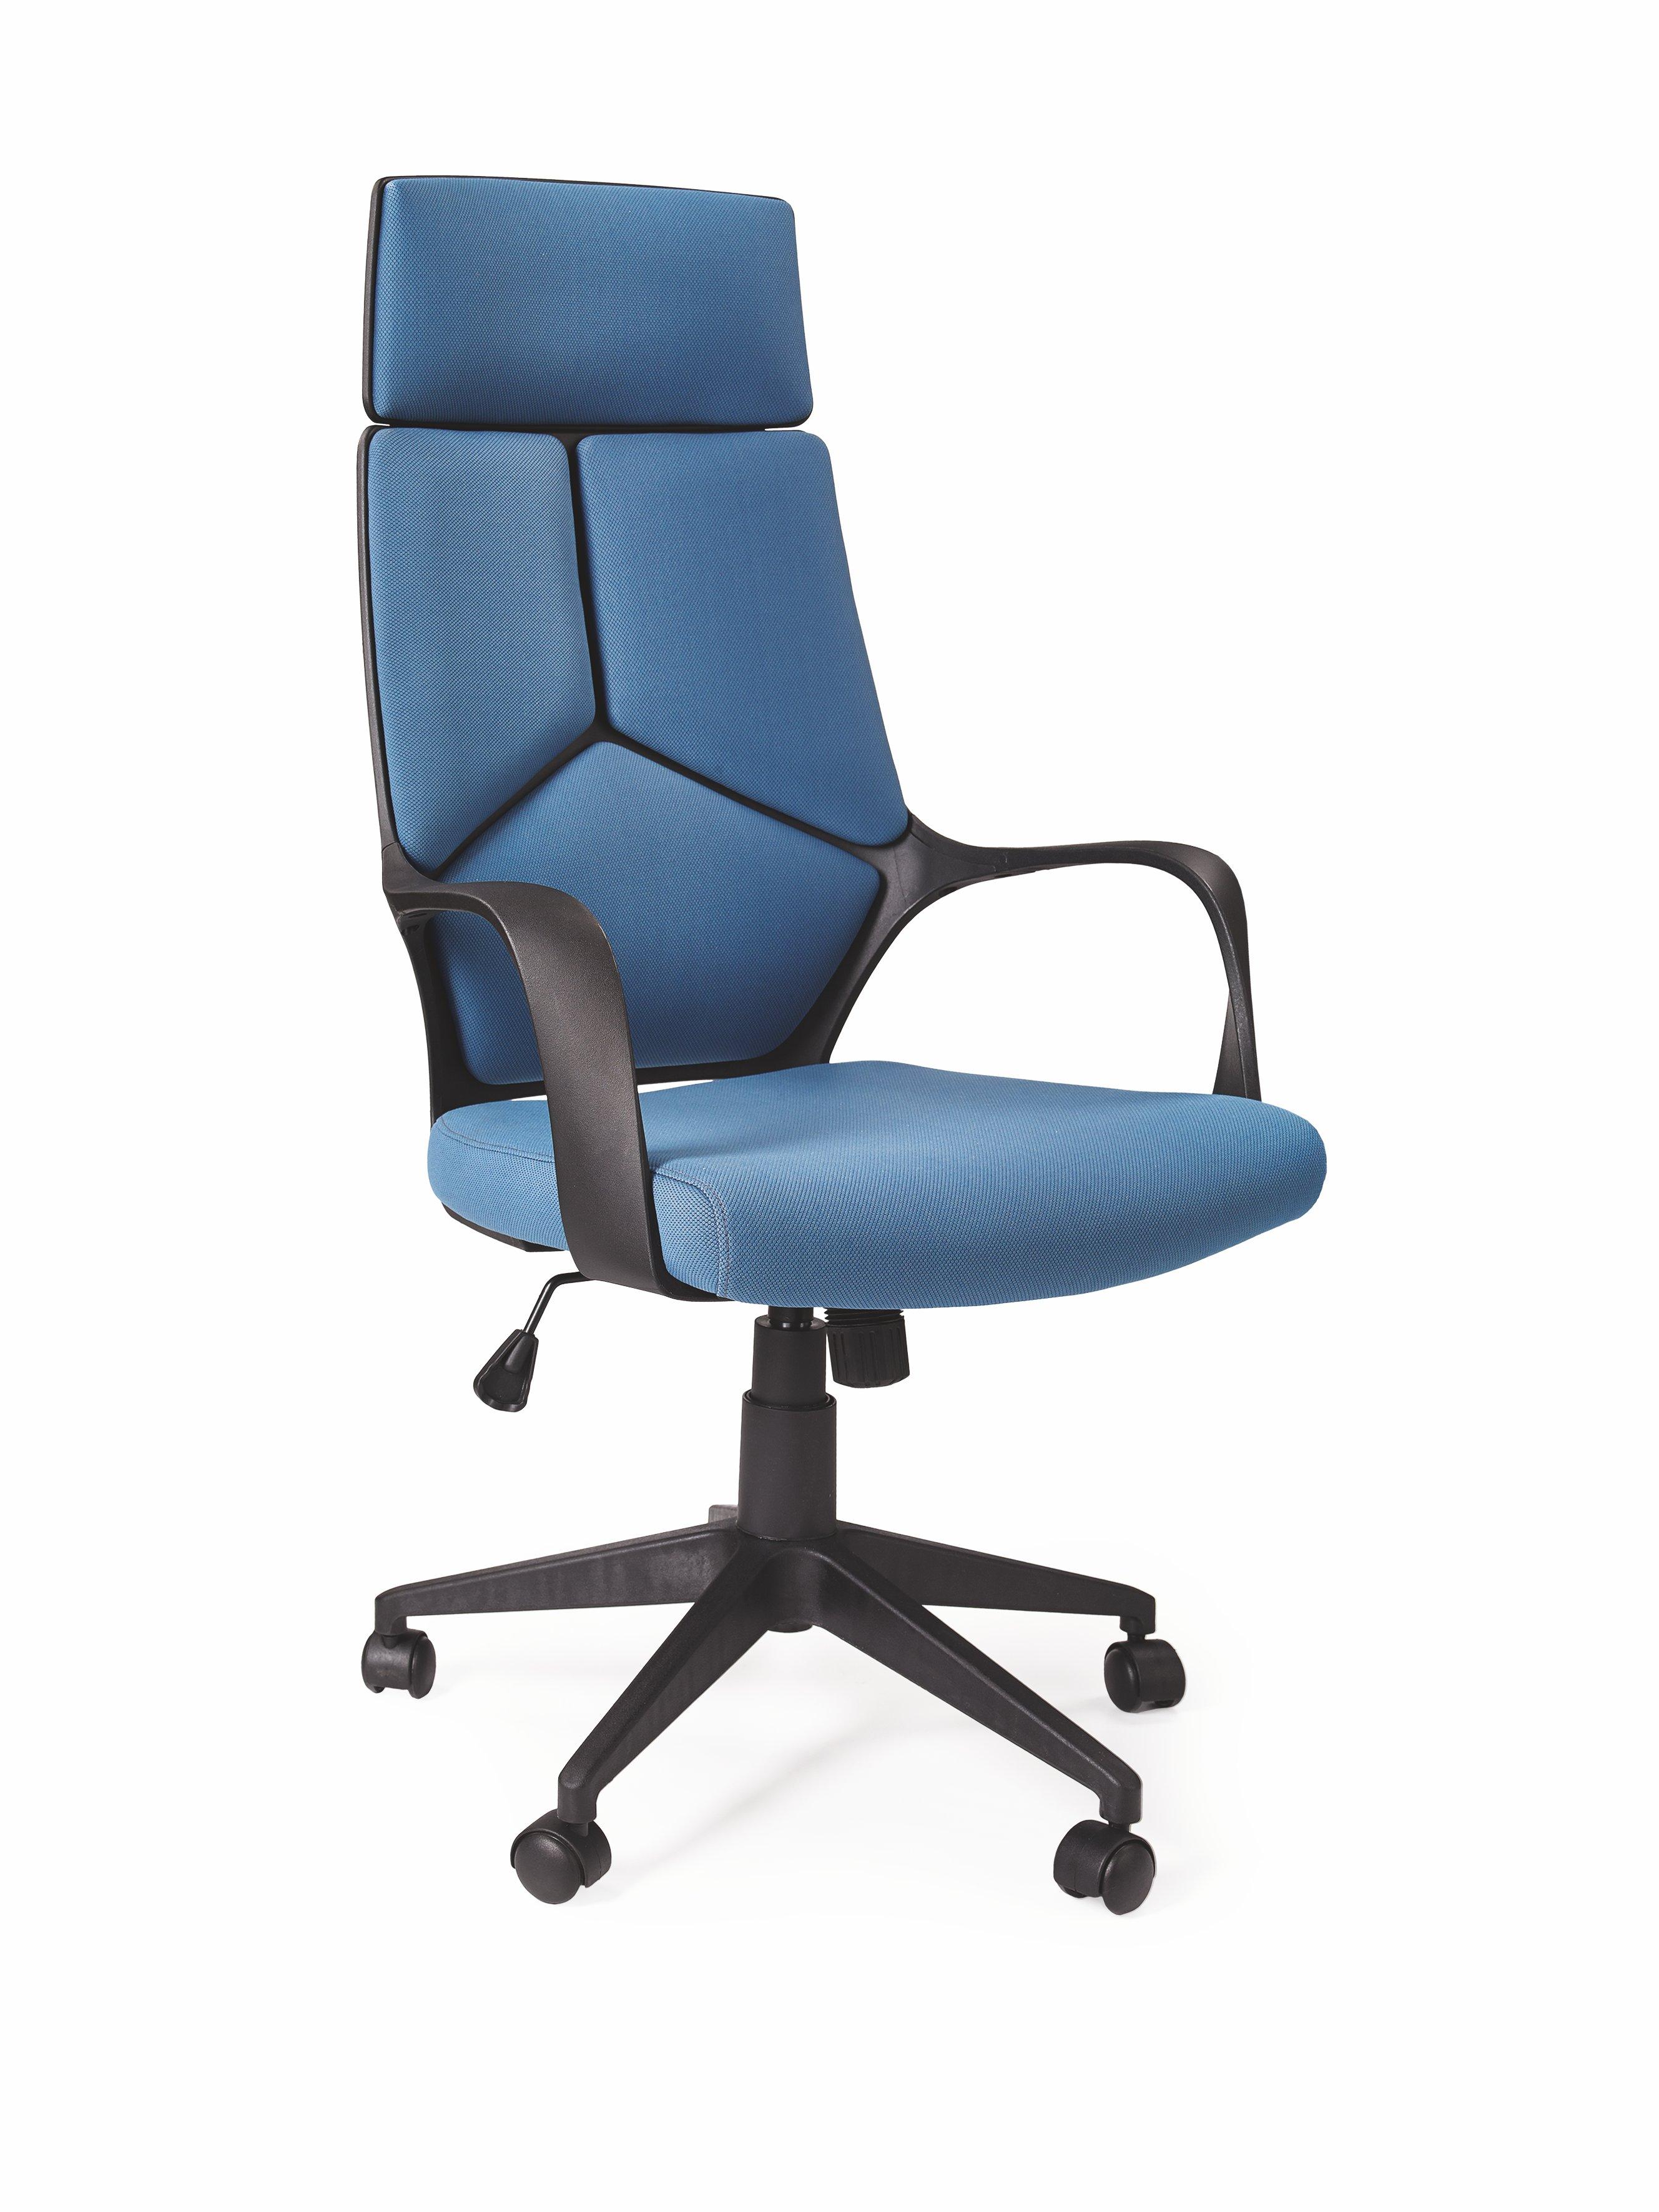 Kancelárske kreslo - Halmar - Voyager (modrá + čierna). Sme autorizovaný predajca Halmar. Vlastná spoľahlivá doprava až k Vám domov.